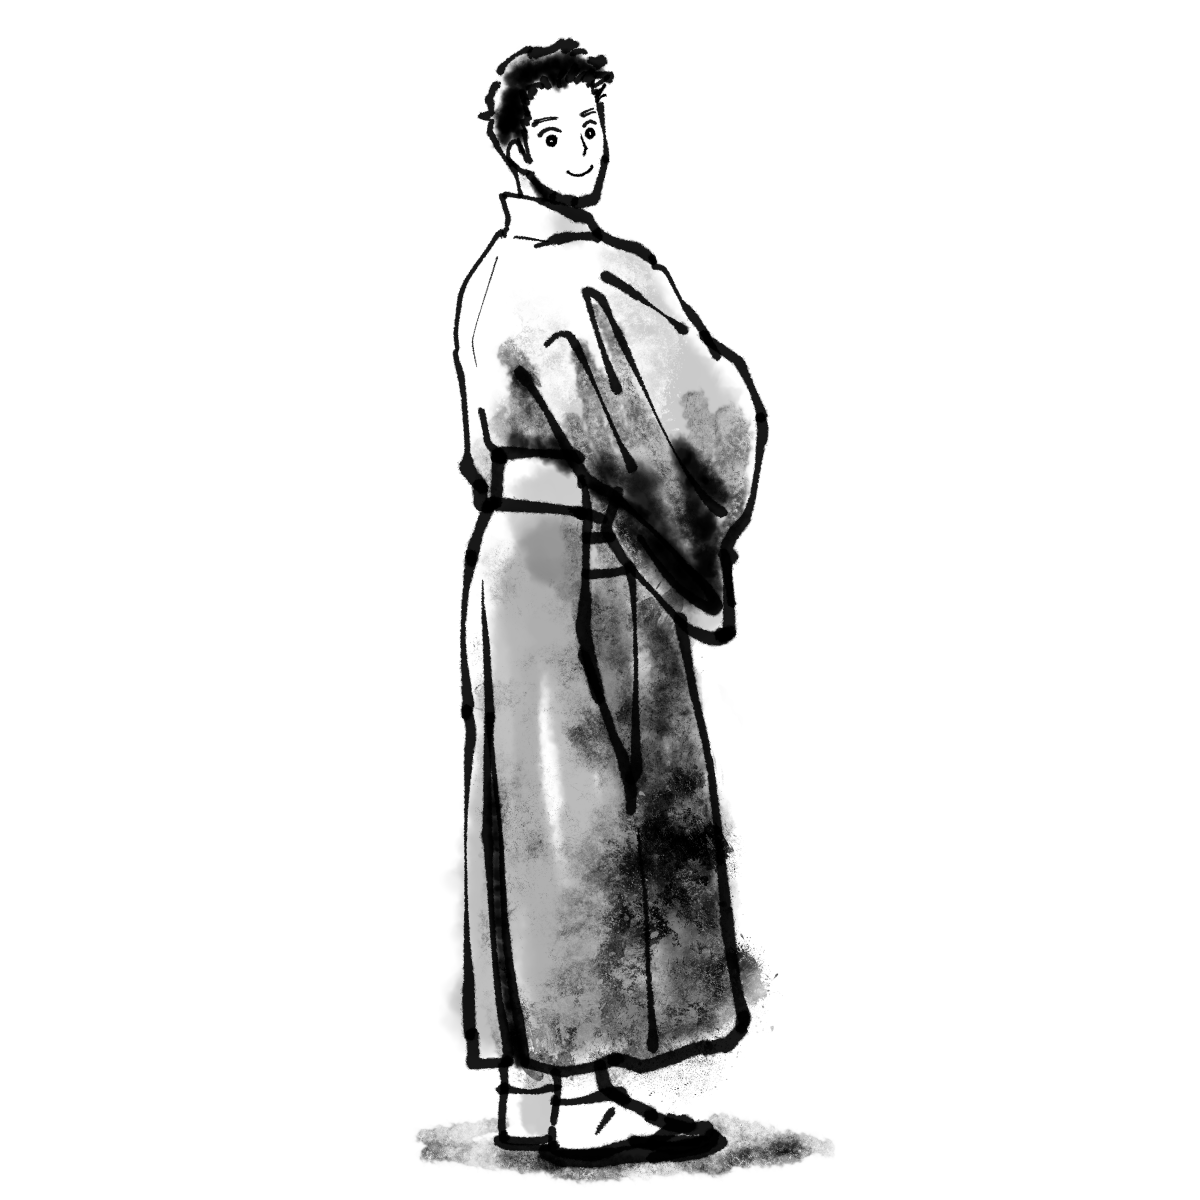 袴姿<男性>のイラスト Wears hakama<Male>  Illustration